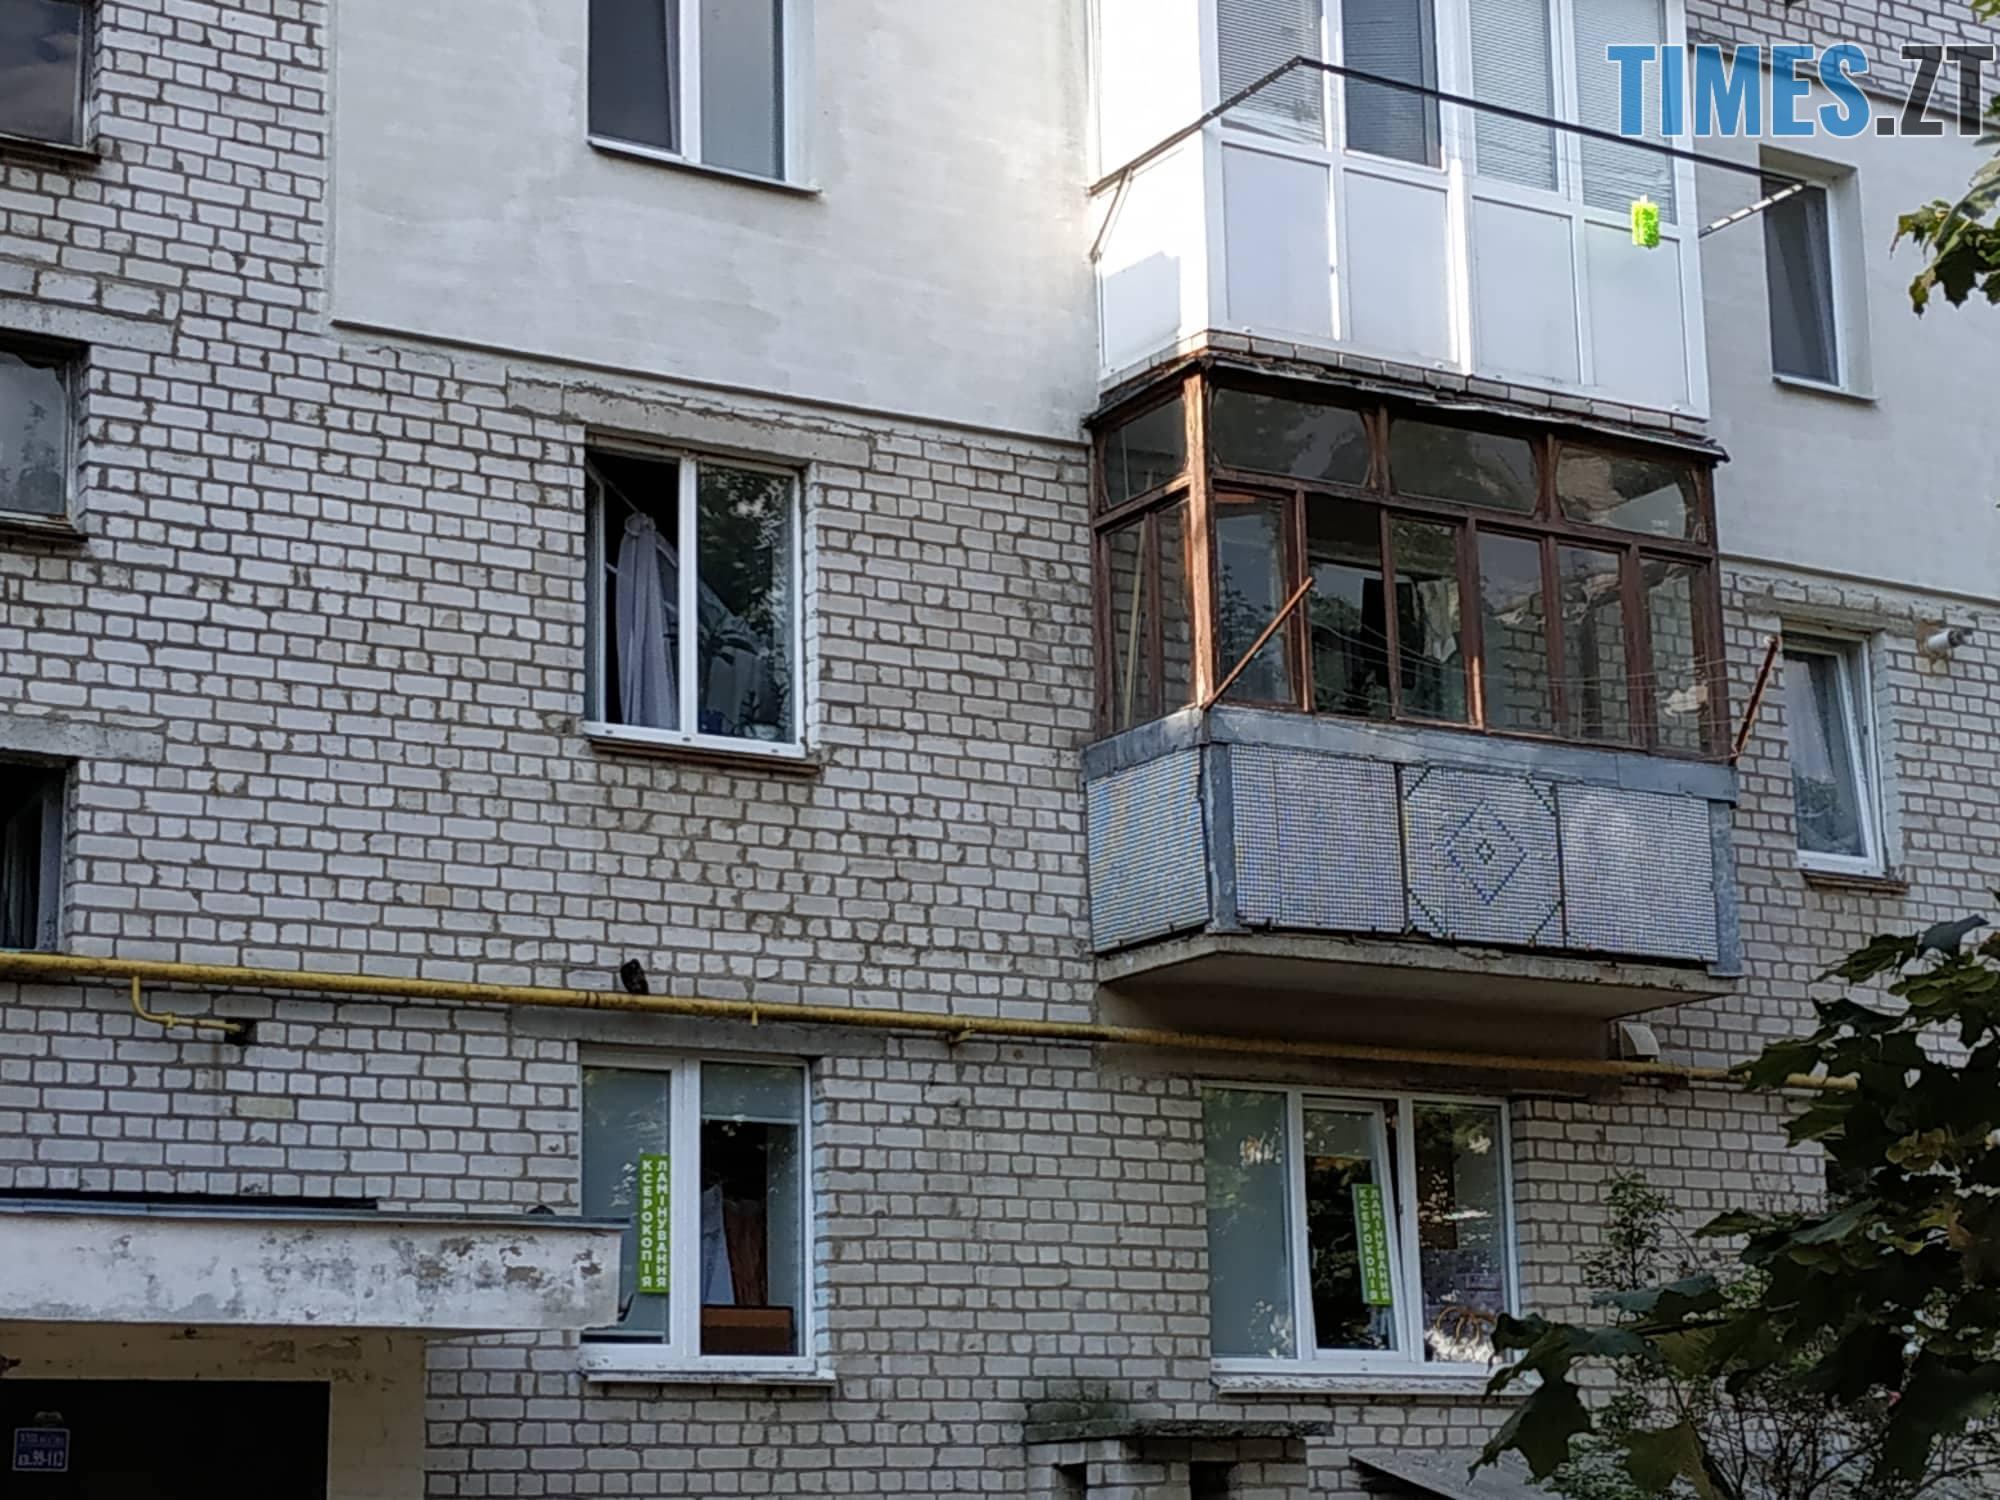 39743625 1988584644505560 288828330088595456 n - Вбивство у Бердичеві: поліція виявила мертвого чоловіка з численними травмами голови